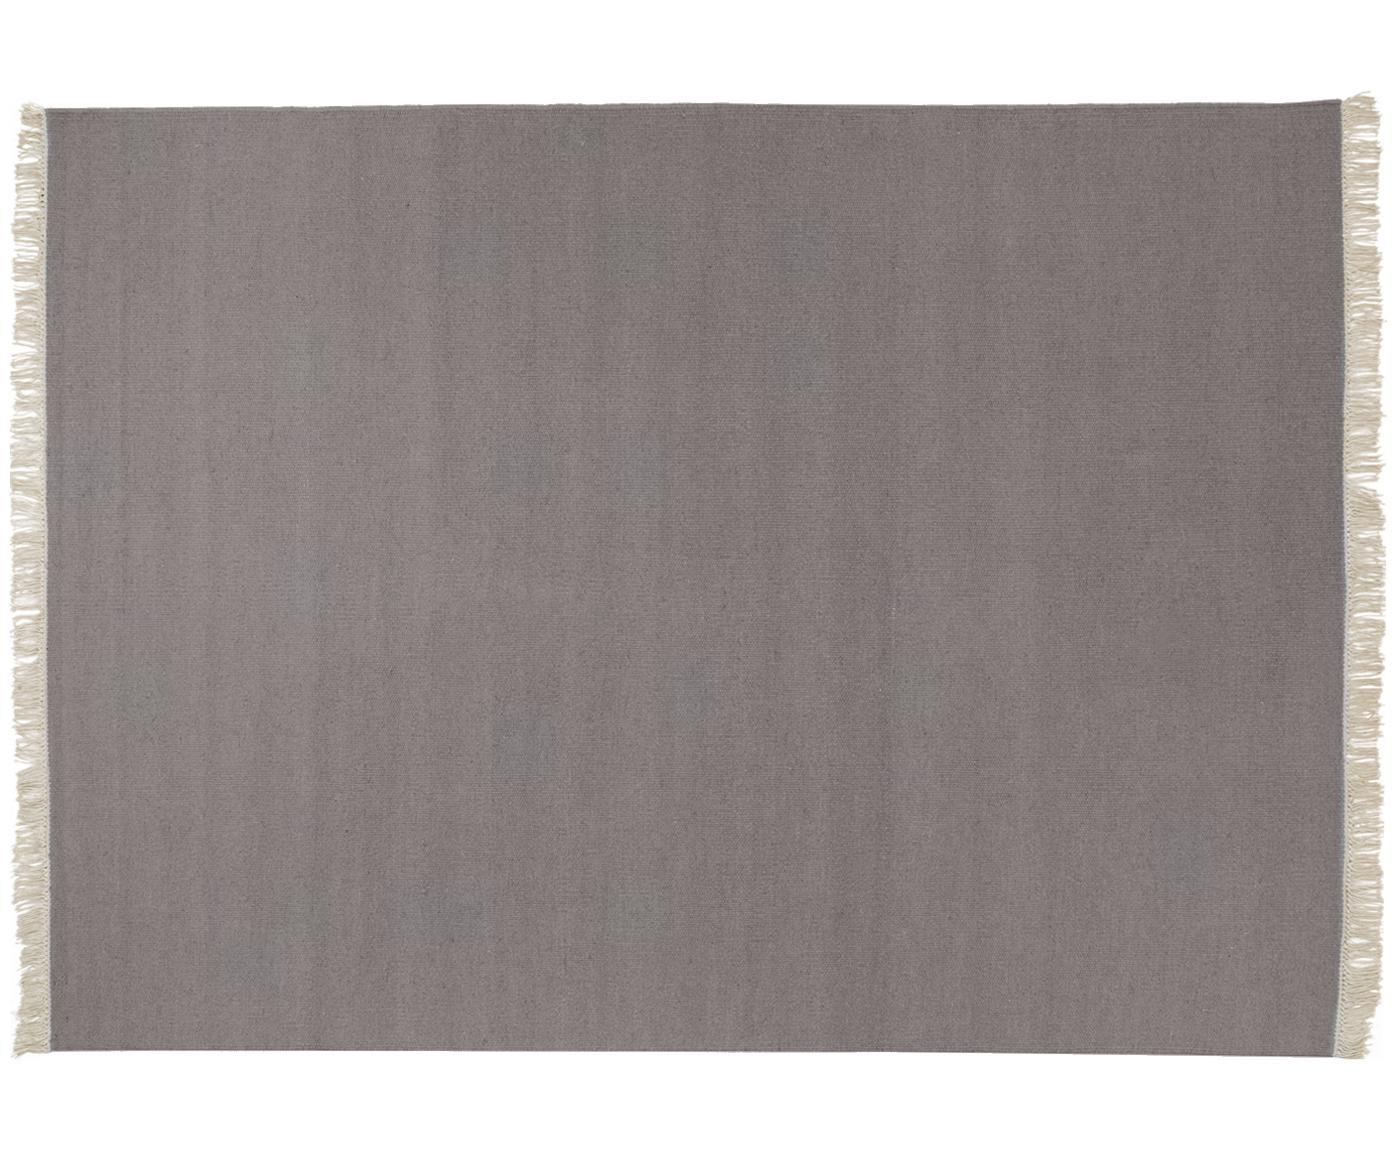 Handgeweven wollen vloerkleed Rainbow in grijs met franjes, Bovenzijde: wol, Onderzijde: katoen, Lichtgrijs, B 140 x L 200 cm (maat S)